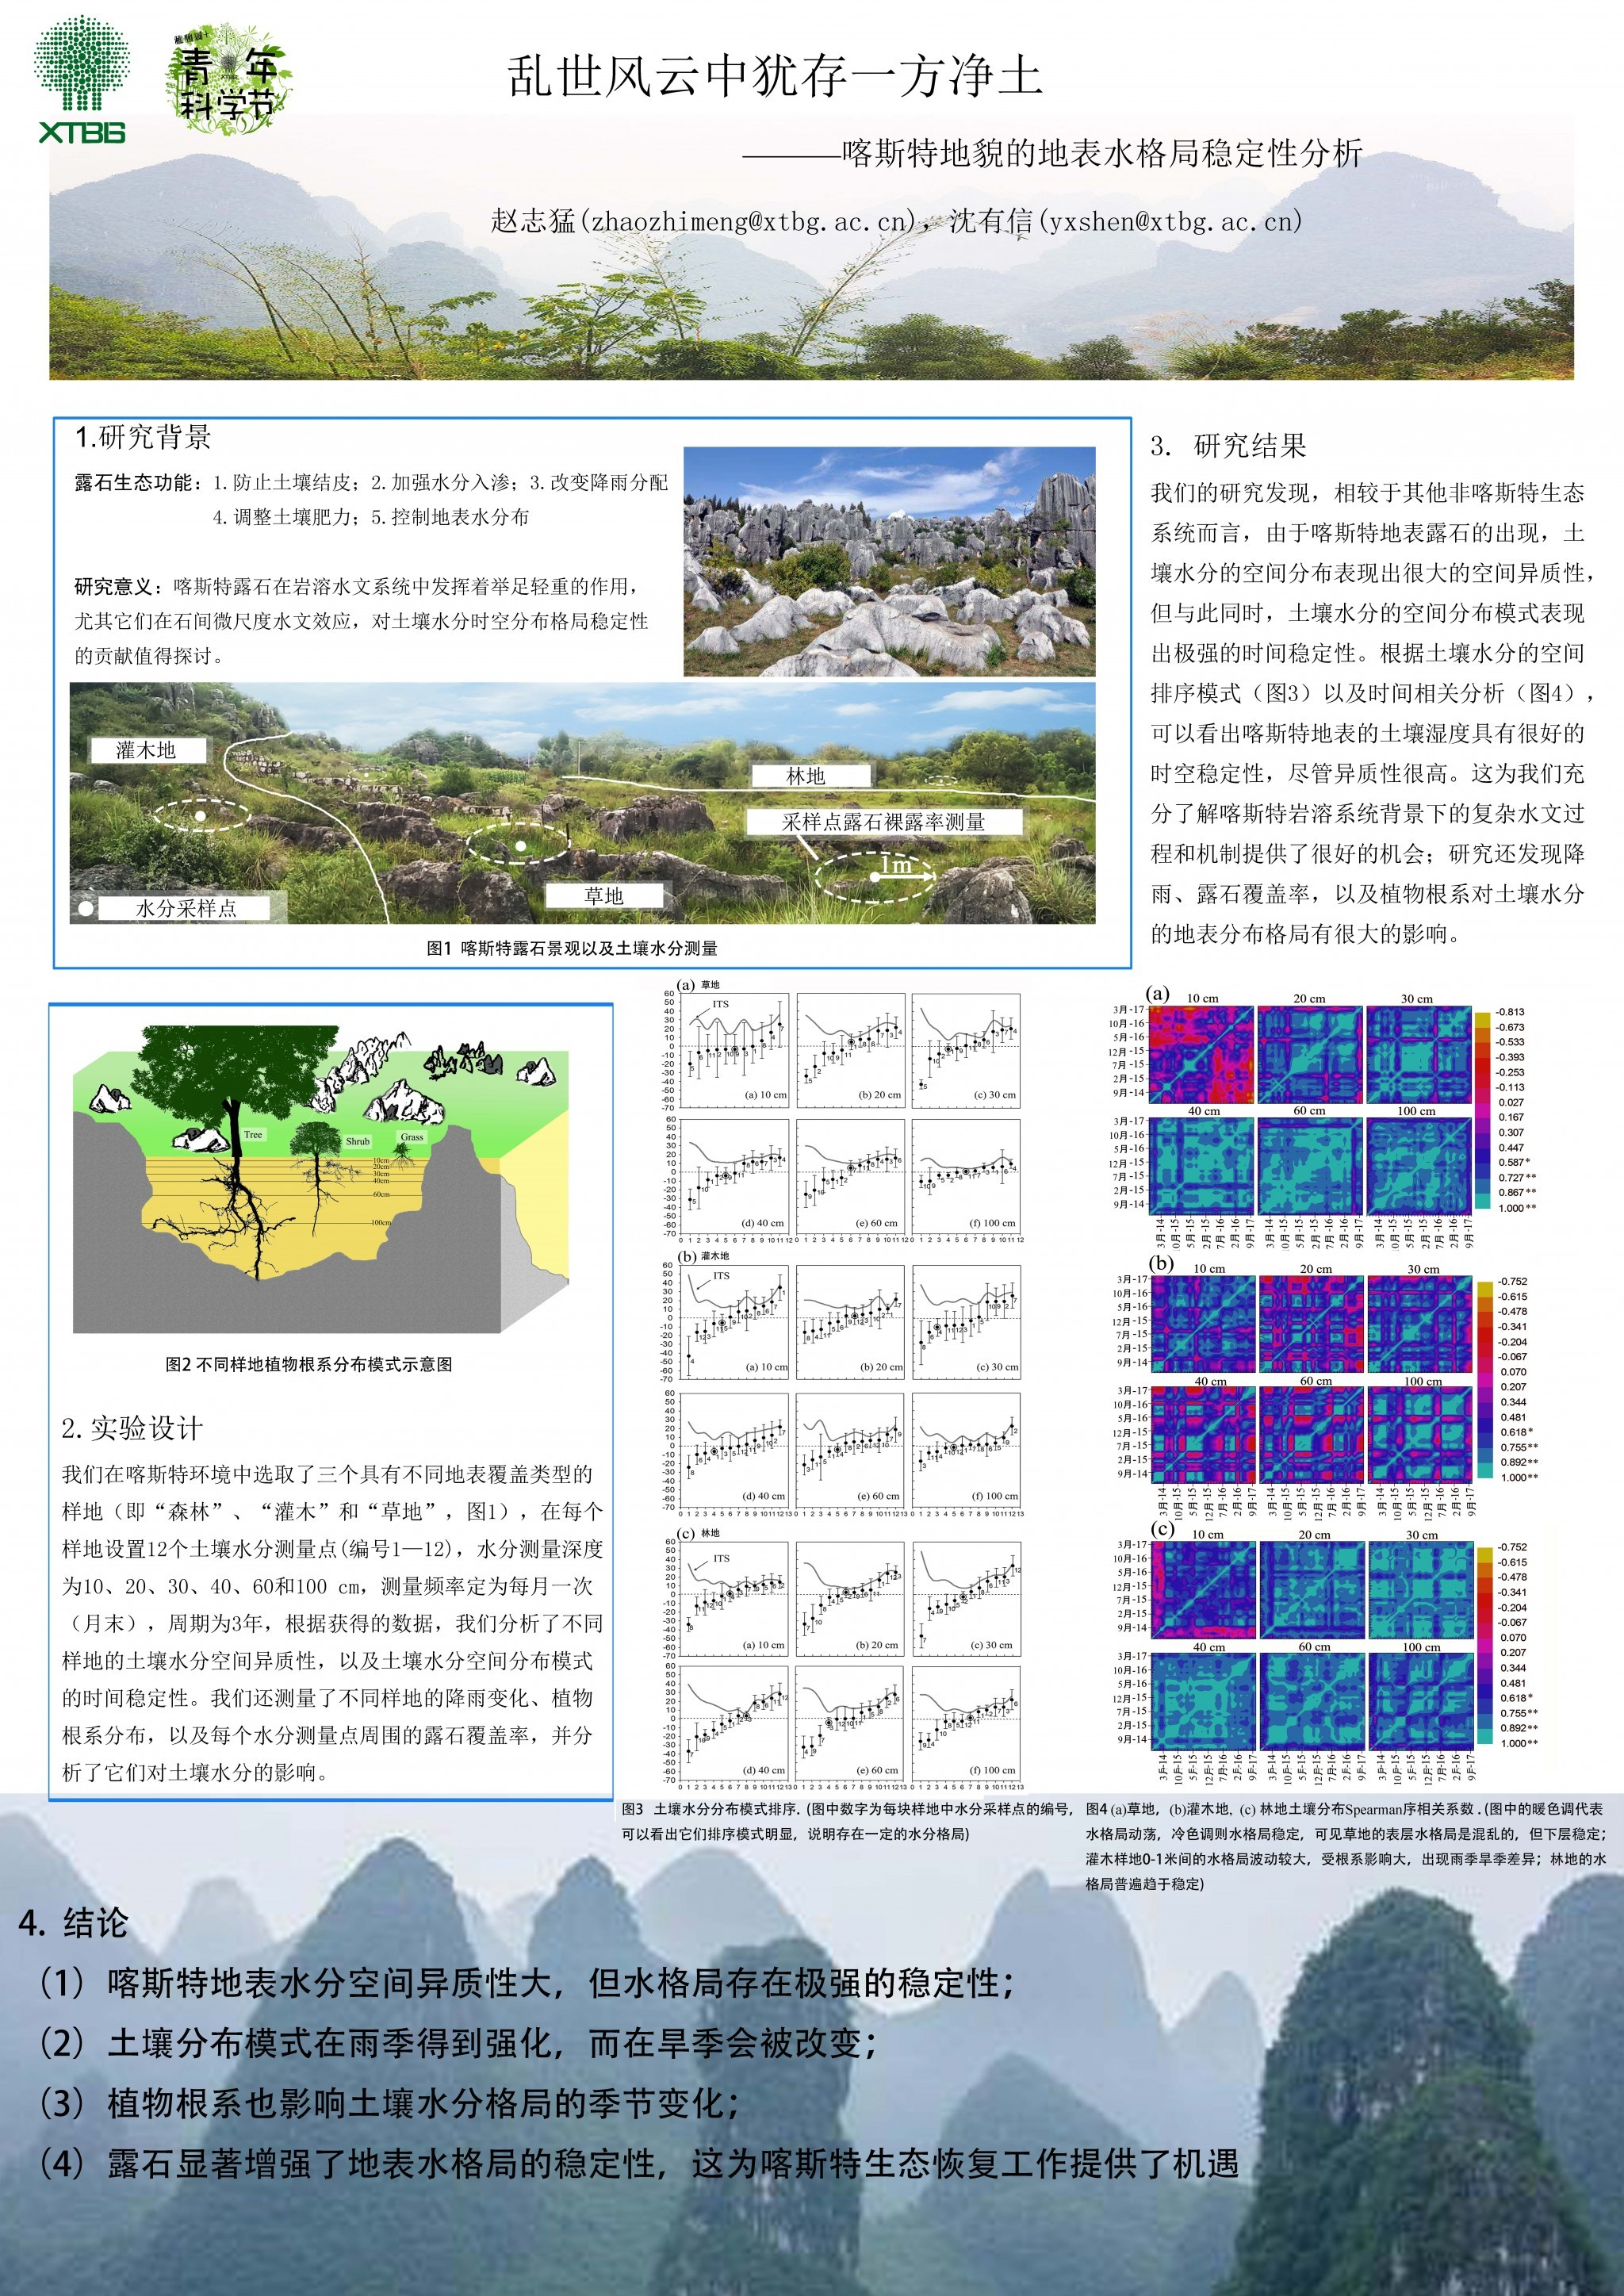 乱世风云中犹存一方净土-喀斯特地貌的地表水格局稳定性分析(作者:赵志猛)